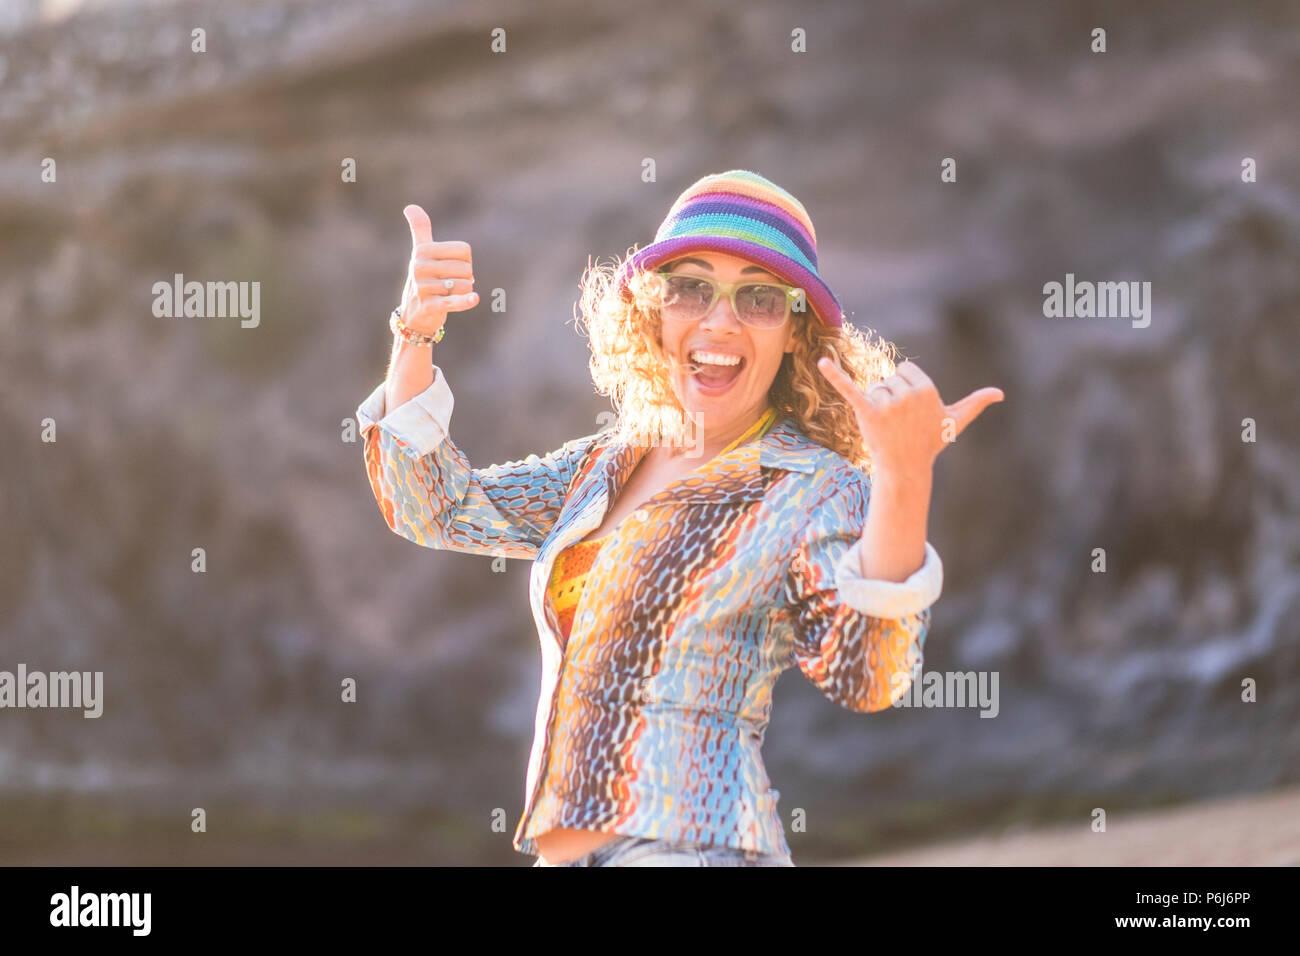 Happy schönes Modell unter der Sonne im Urlaub oder Outdoor Freizeitaktivitäten Aktivität. Lächeln und Lachen in die Kamera. Farbenfrohe Kleidung wie hippy Stil. Ni Stockbild